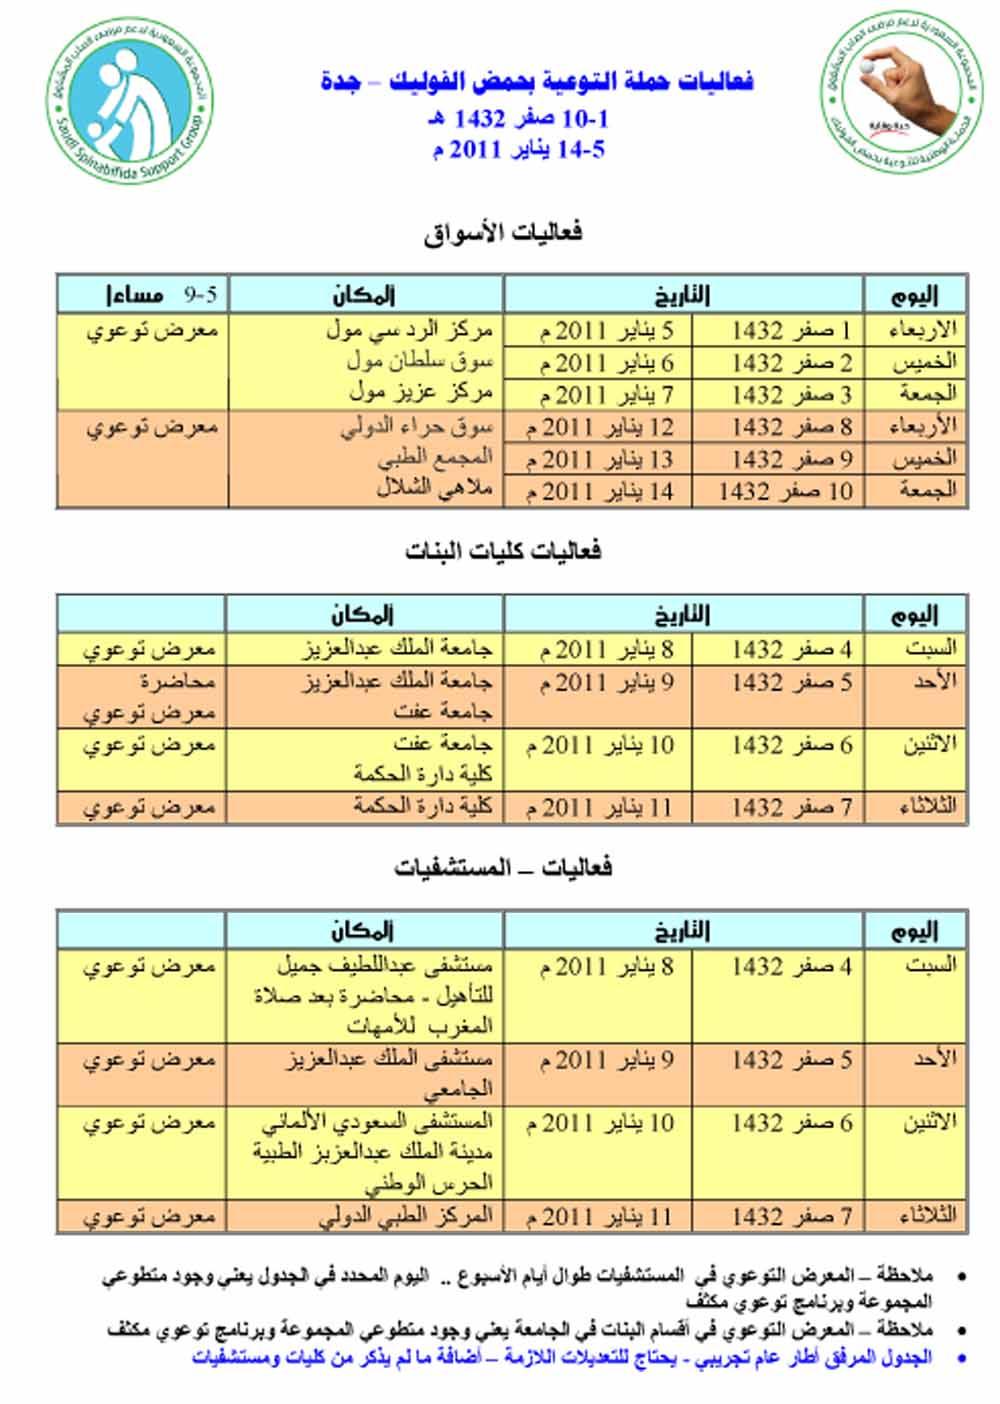 حملات توعوية بحمض الفوليك في معظم مناطق المملكة Jeddah_Sch.jpg